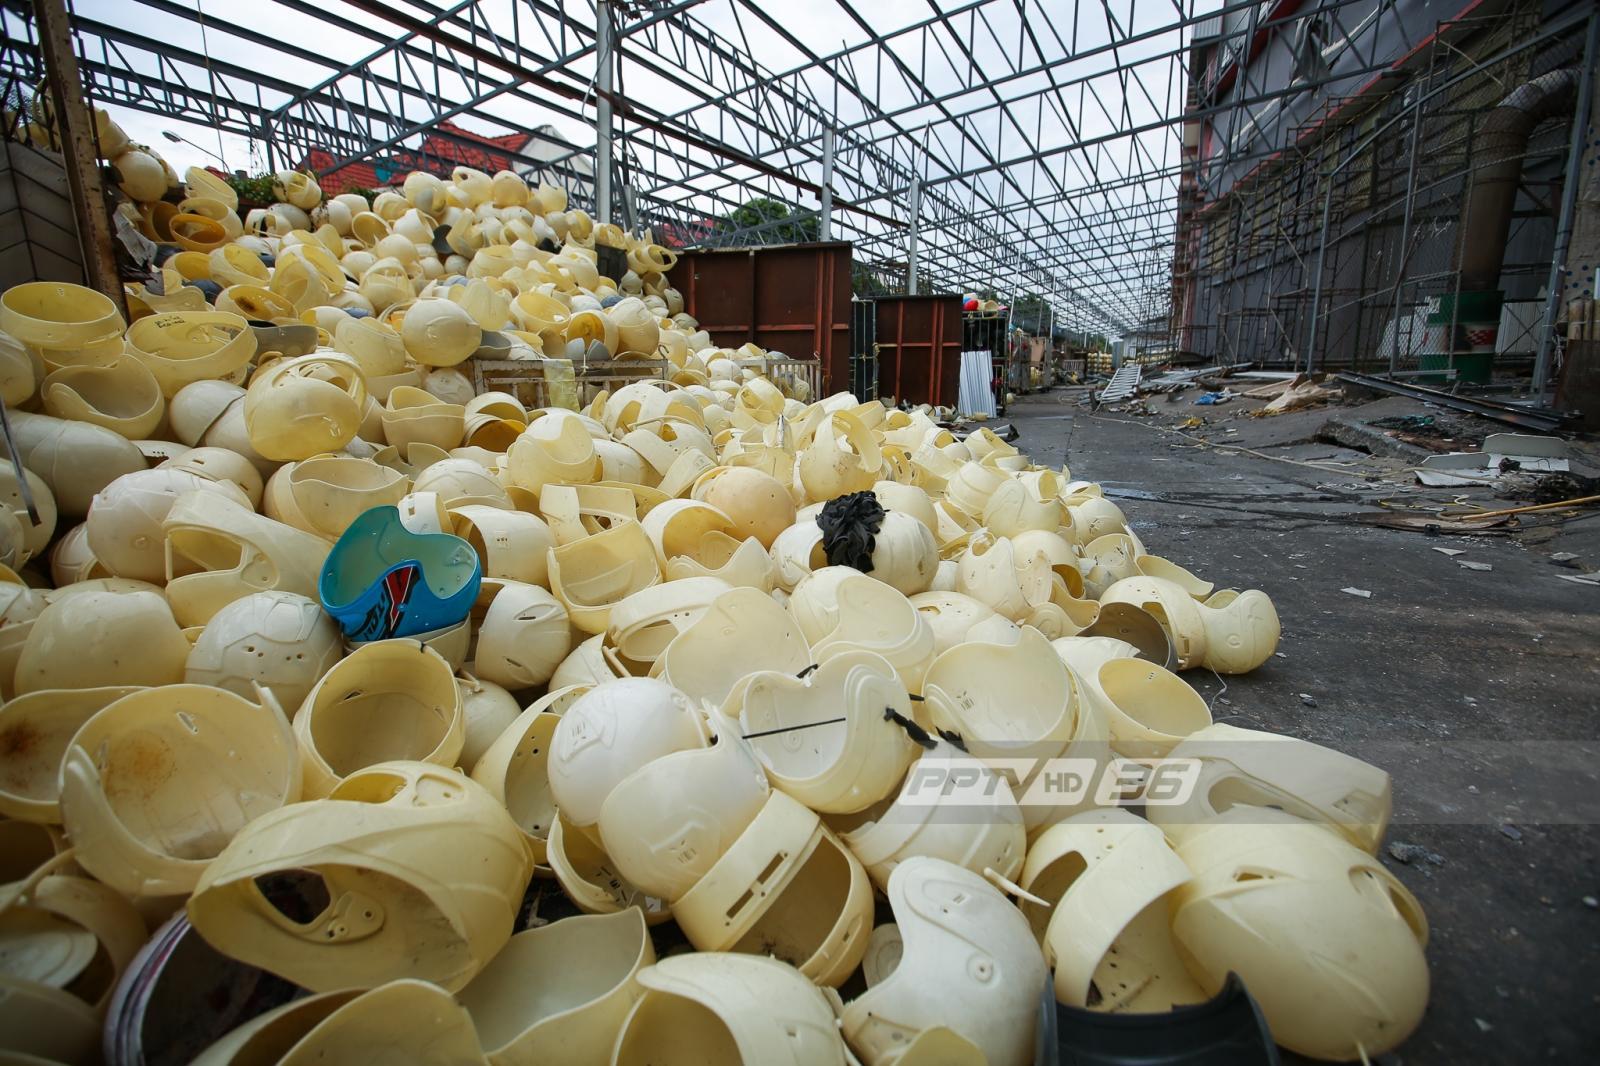 เสี่ยงถล่ม! ห้ามเข้า 45 วัน อาคารโรงงานหมวกกันน็อกย่านท่าข้าม